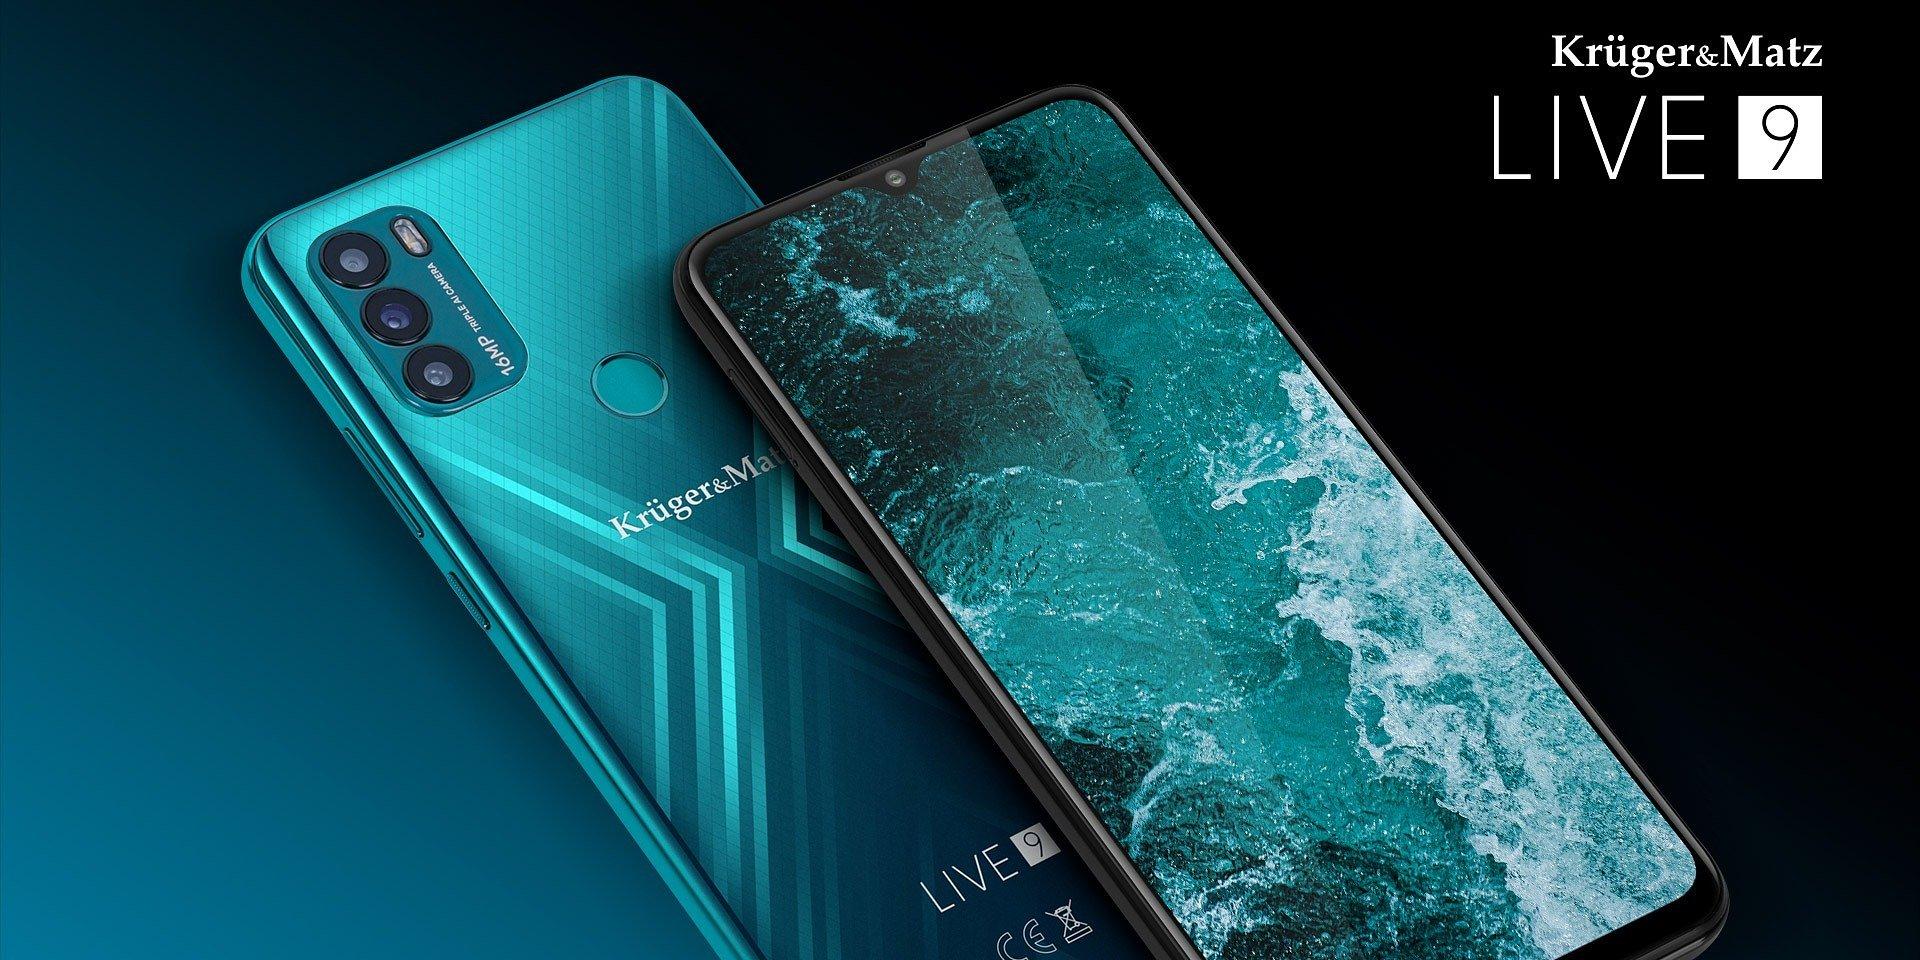 Dziewiąta odsłona smartfona Kruger&Matz LIVE